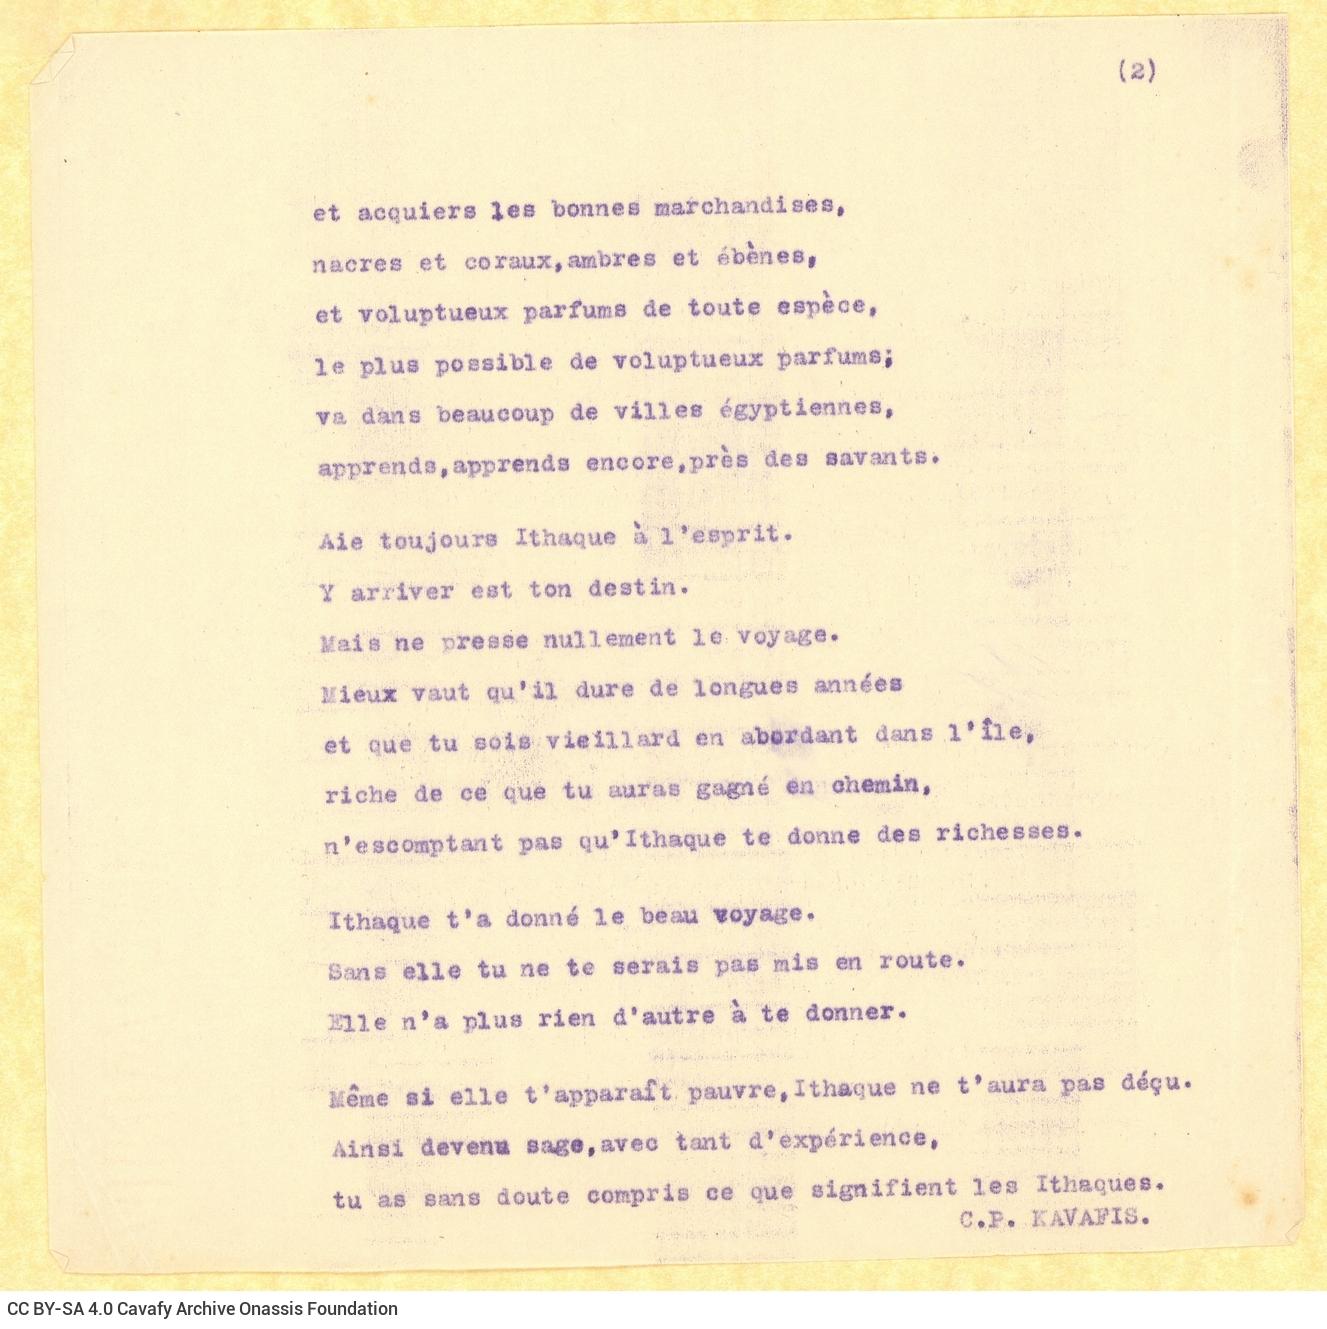 Δακτυλόγραφες γαλλικές μεταφράσεις ποιημάτων του Καβάφη σε επτά φύ�